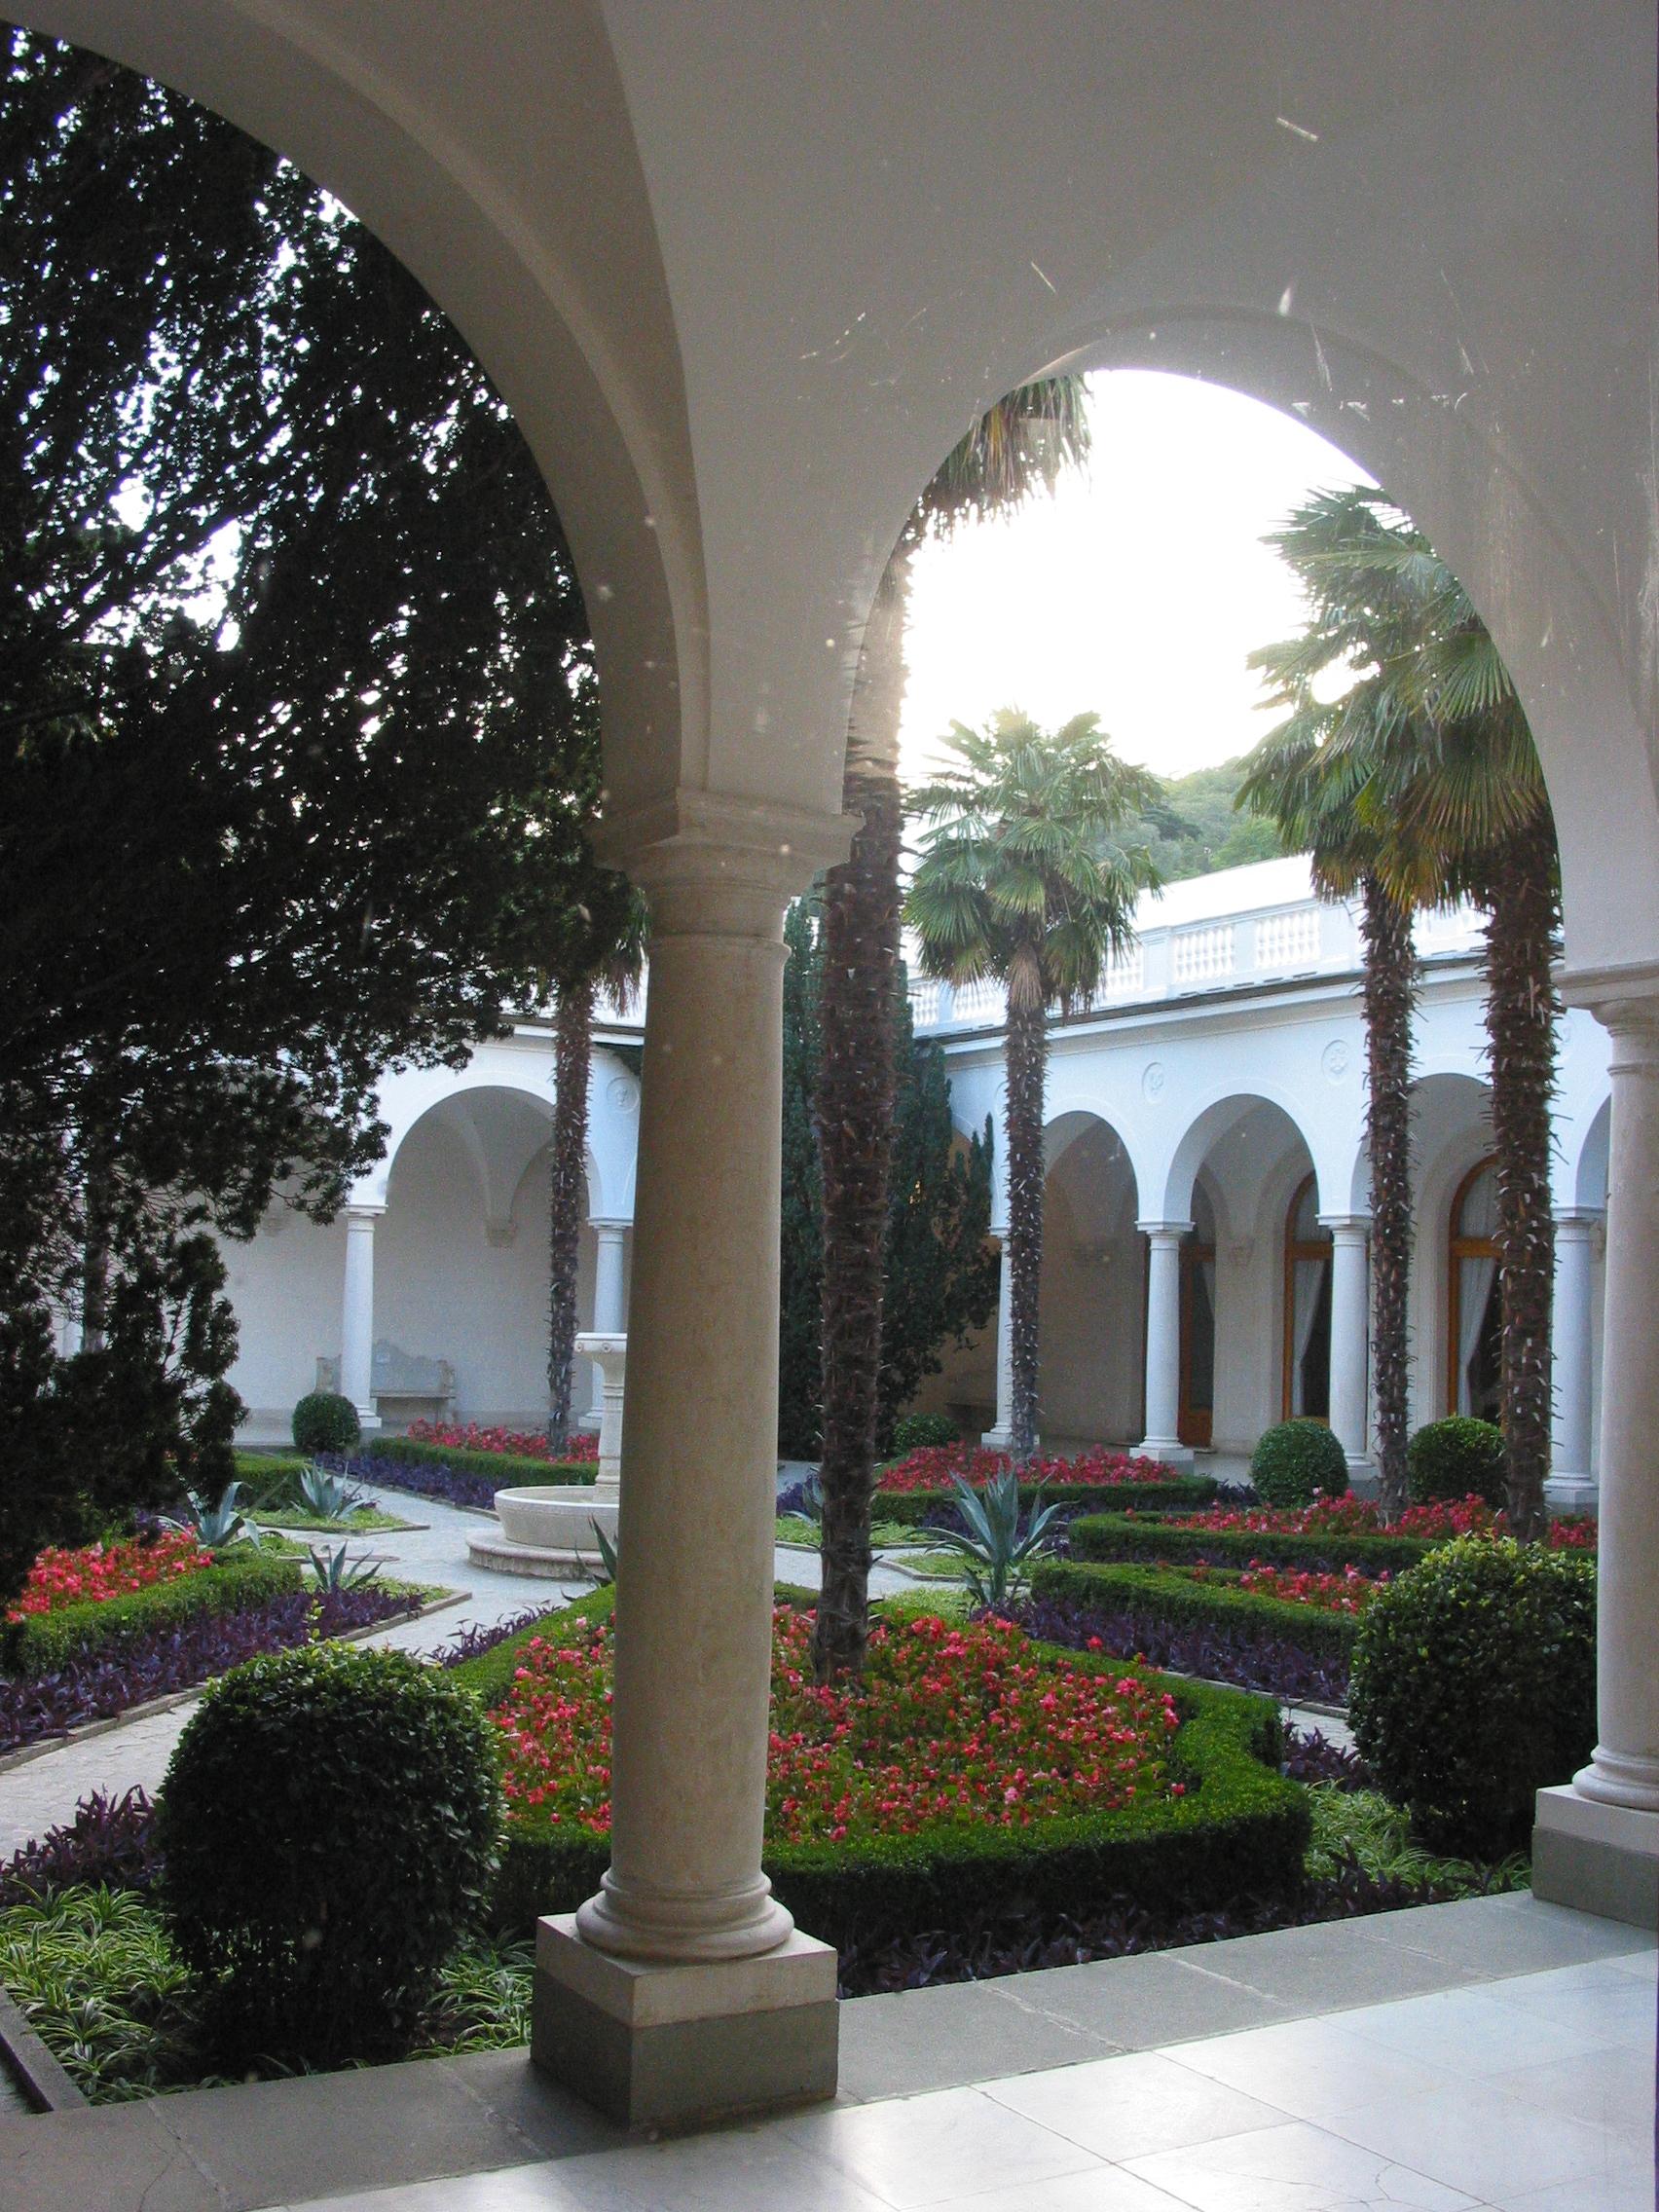 Maison Moderne Avec Patio Interieur patio — wikipédia